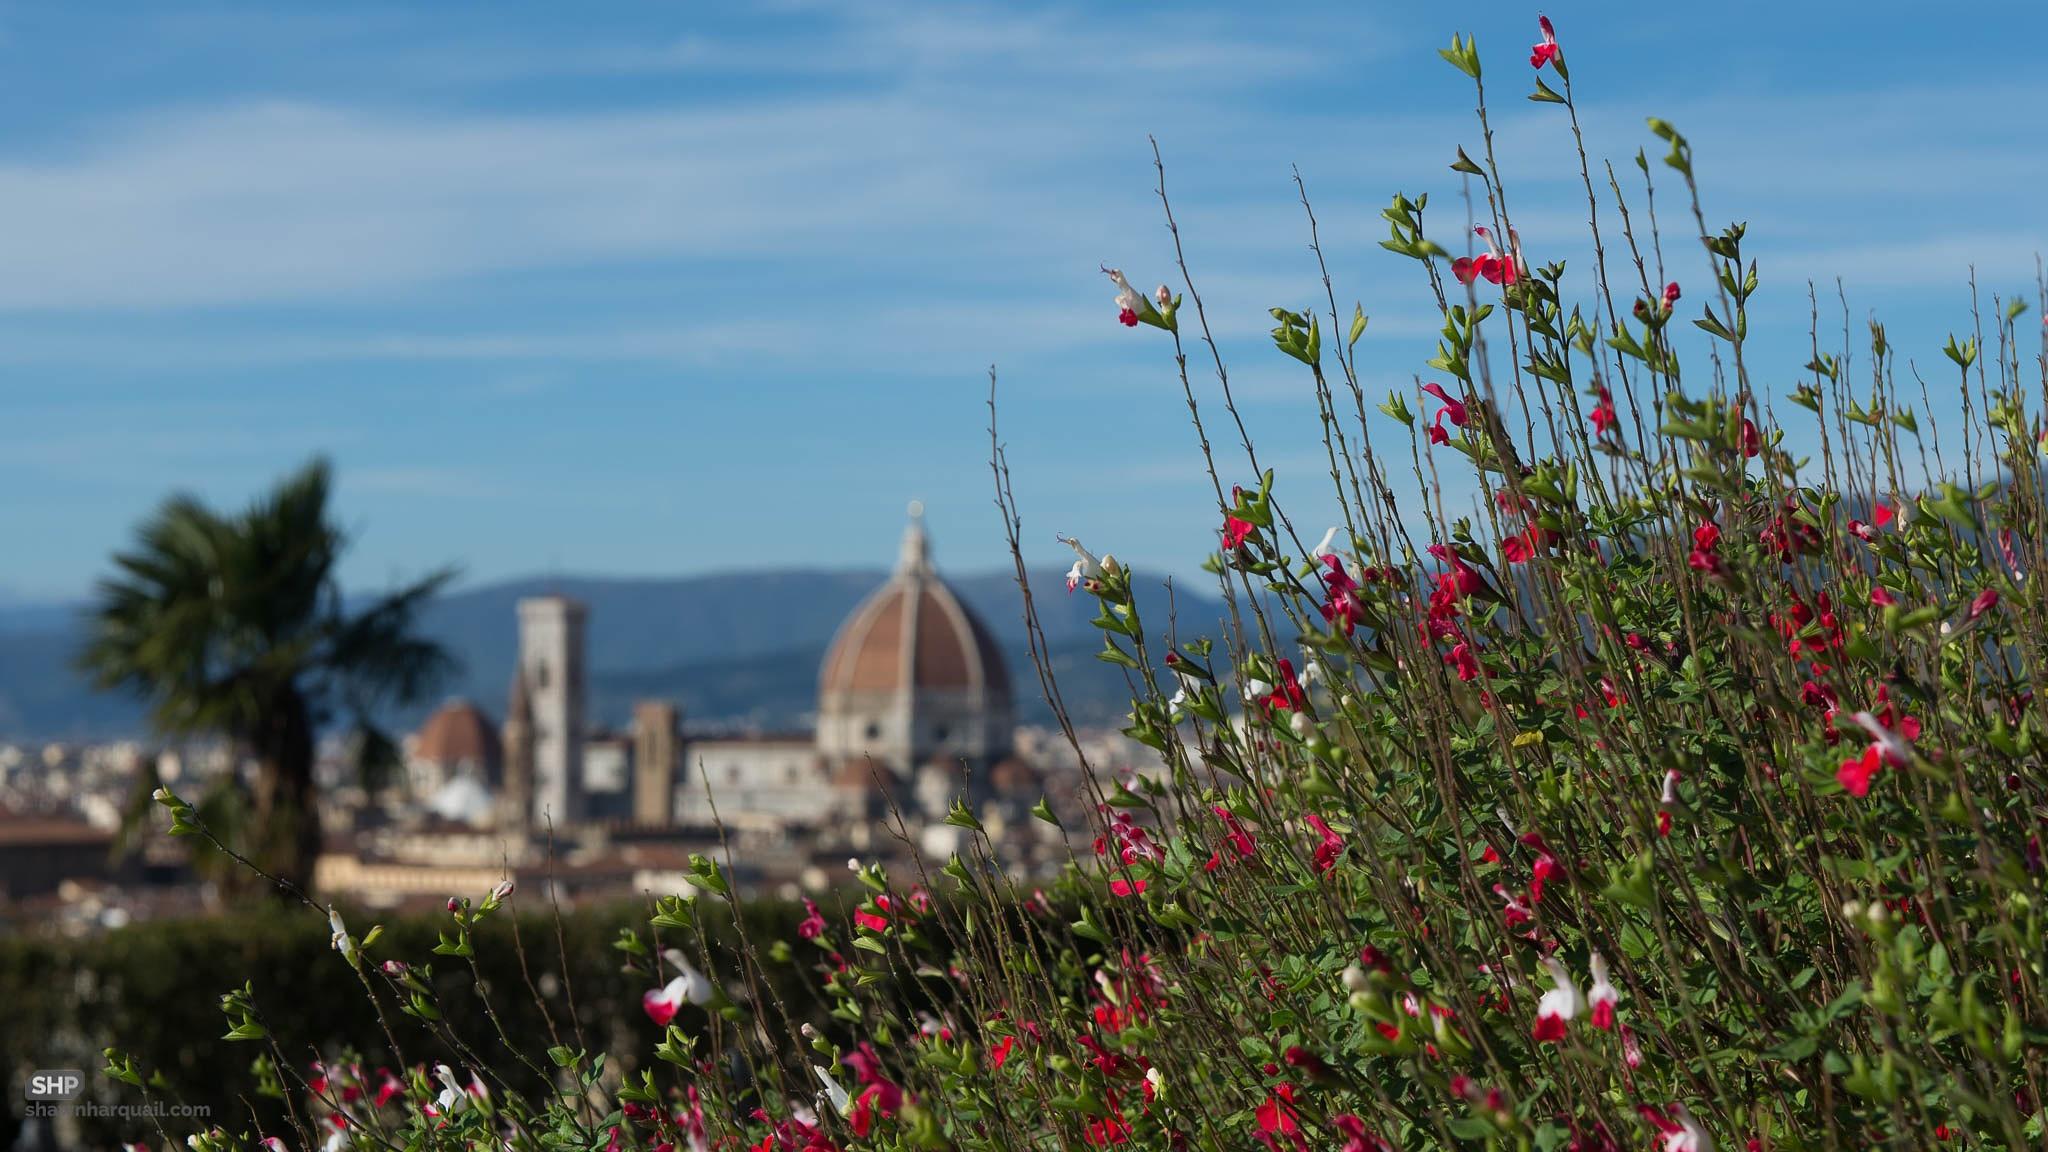 The Duomo by Shawn Harquail